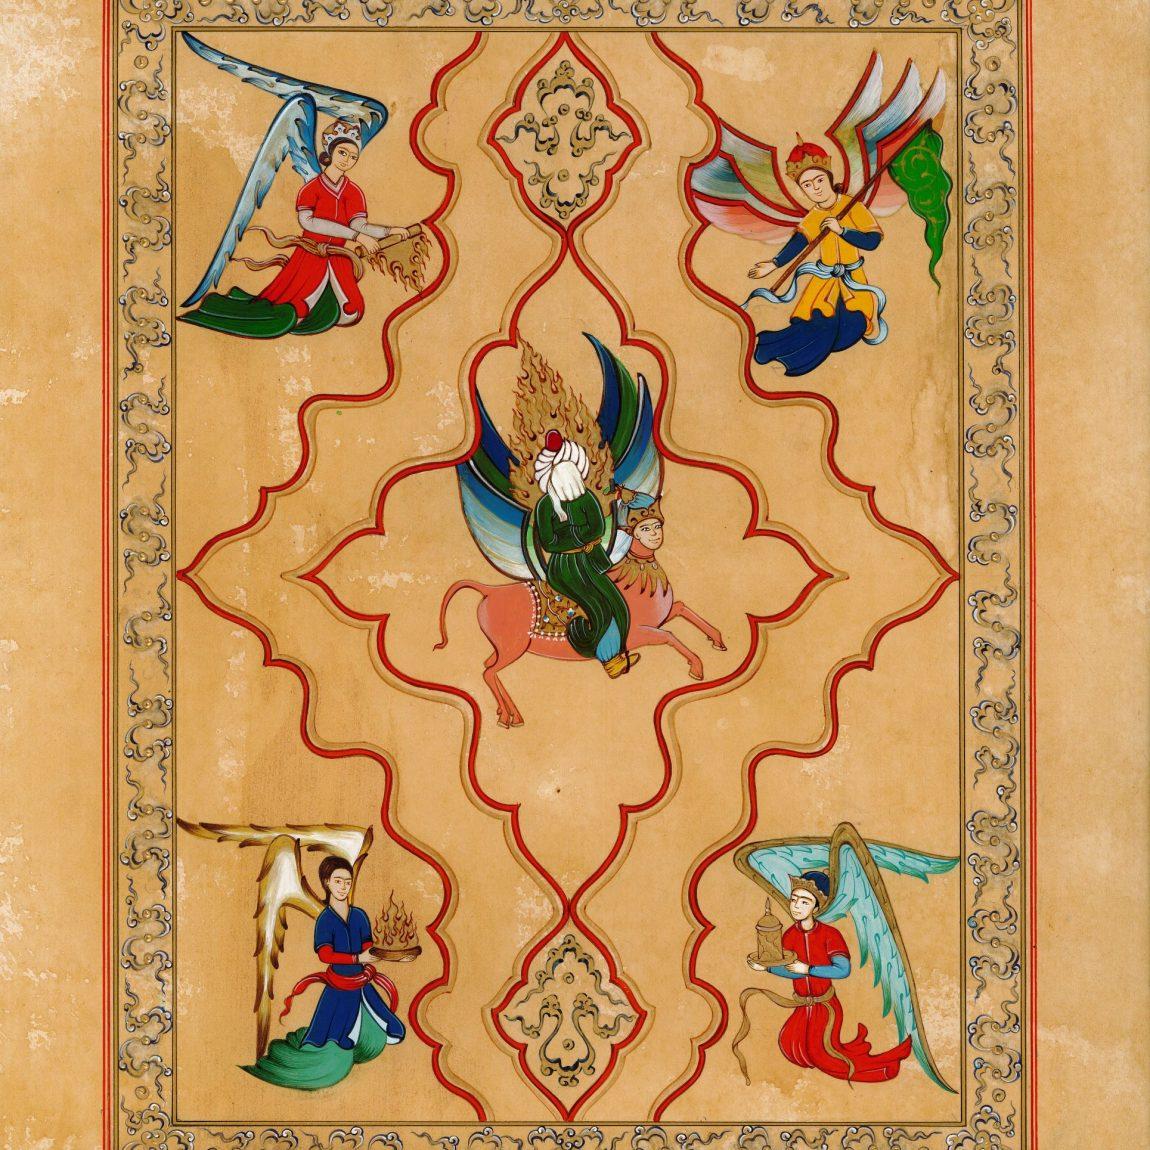 Seçil Sever Demir - Eser Adı :Hz Muhammed'in Mirac Yolculuğu Teknik:Özgün Minyatür Tasarım Ölçü: 24x32 cm Fiyat : 3.780 TL